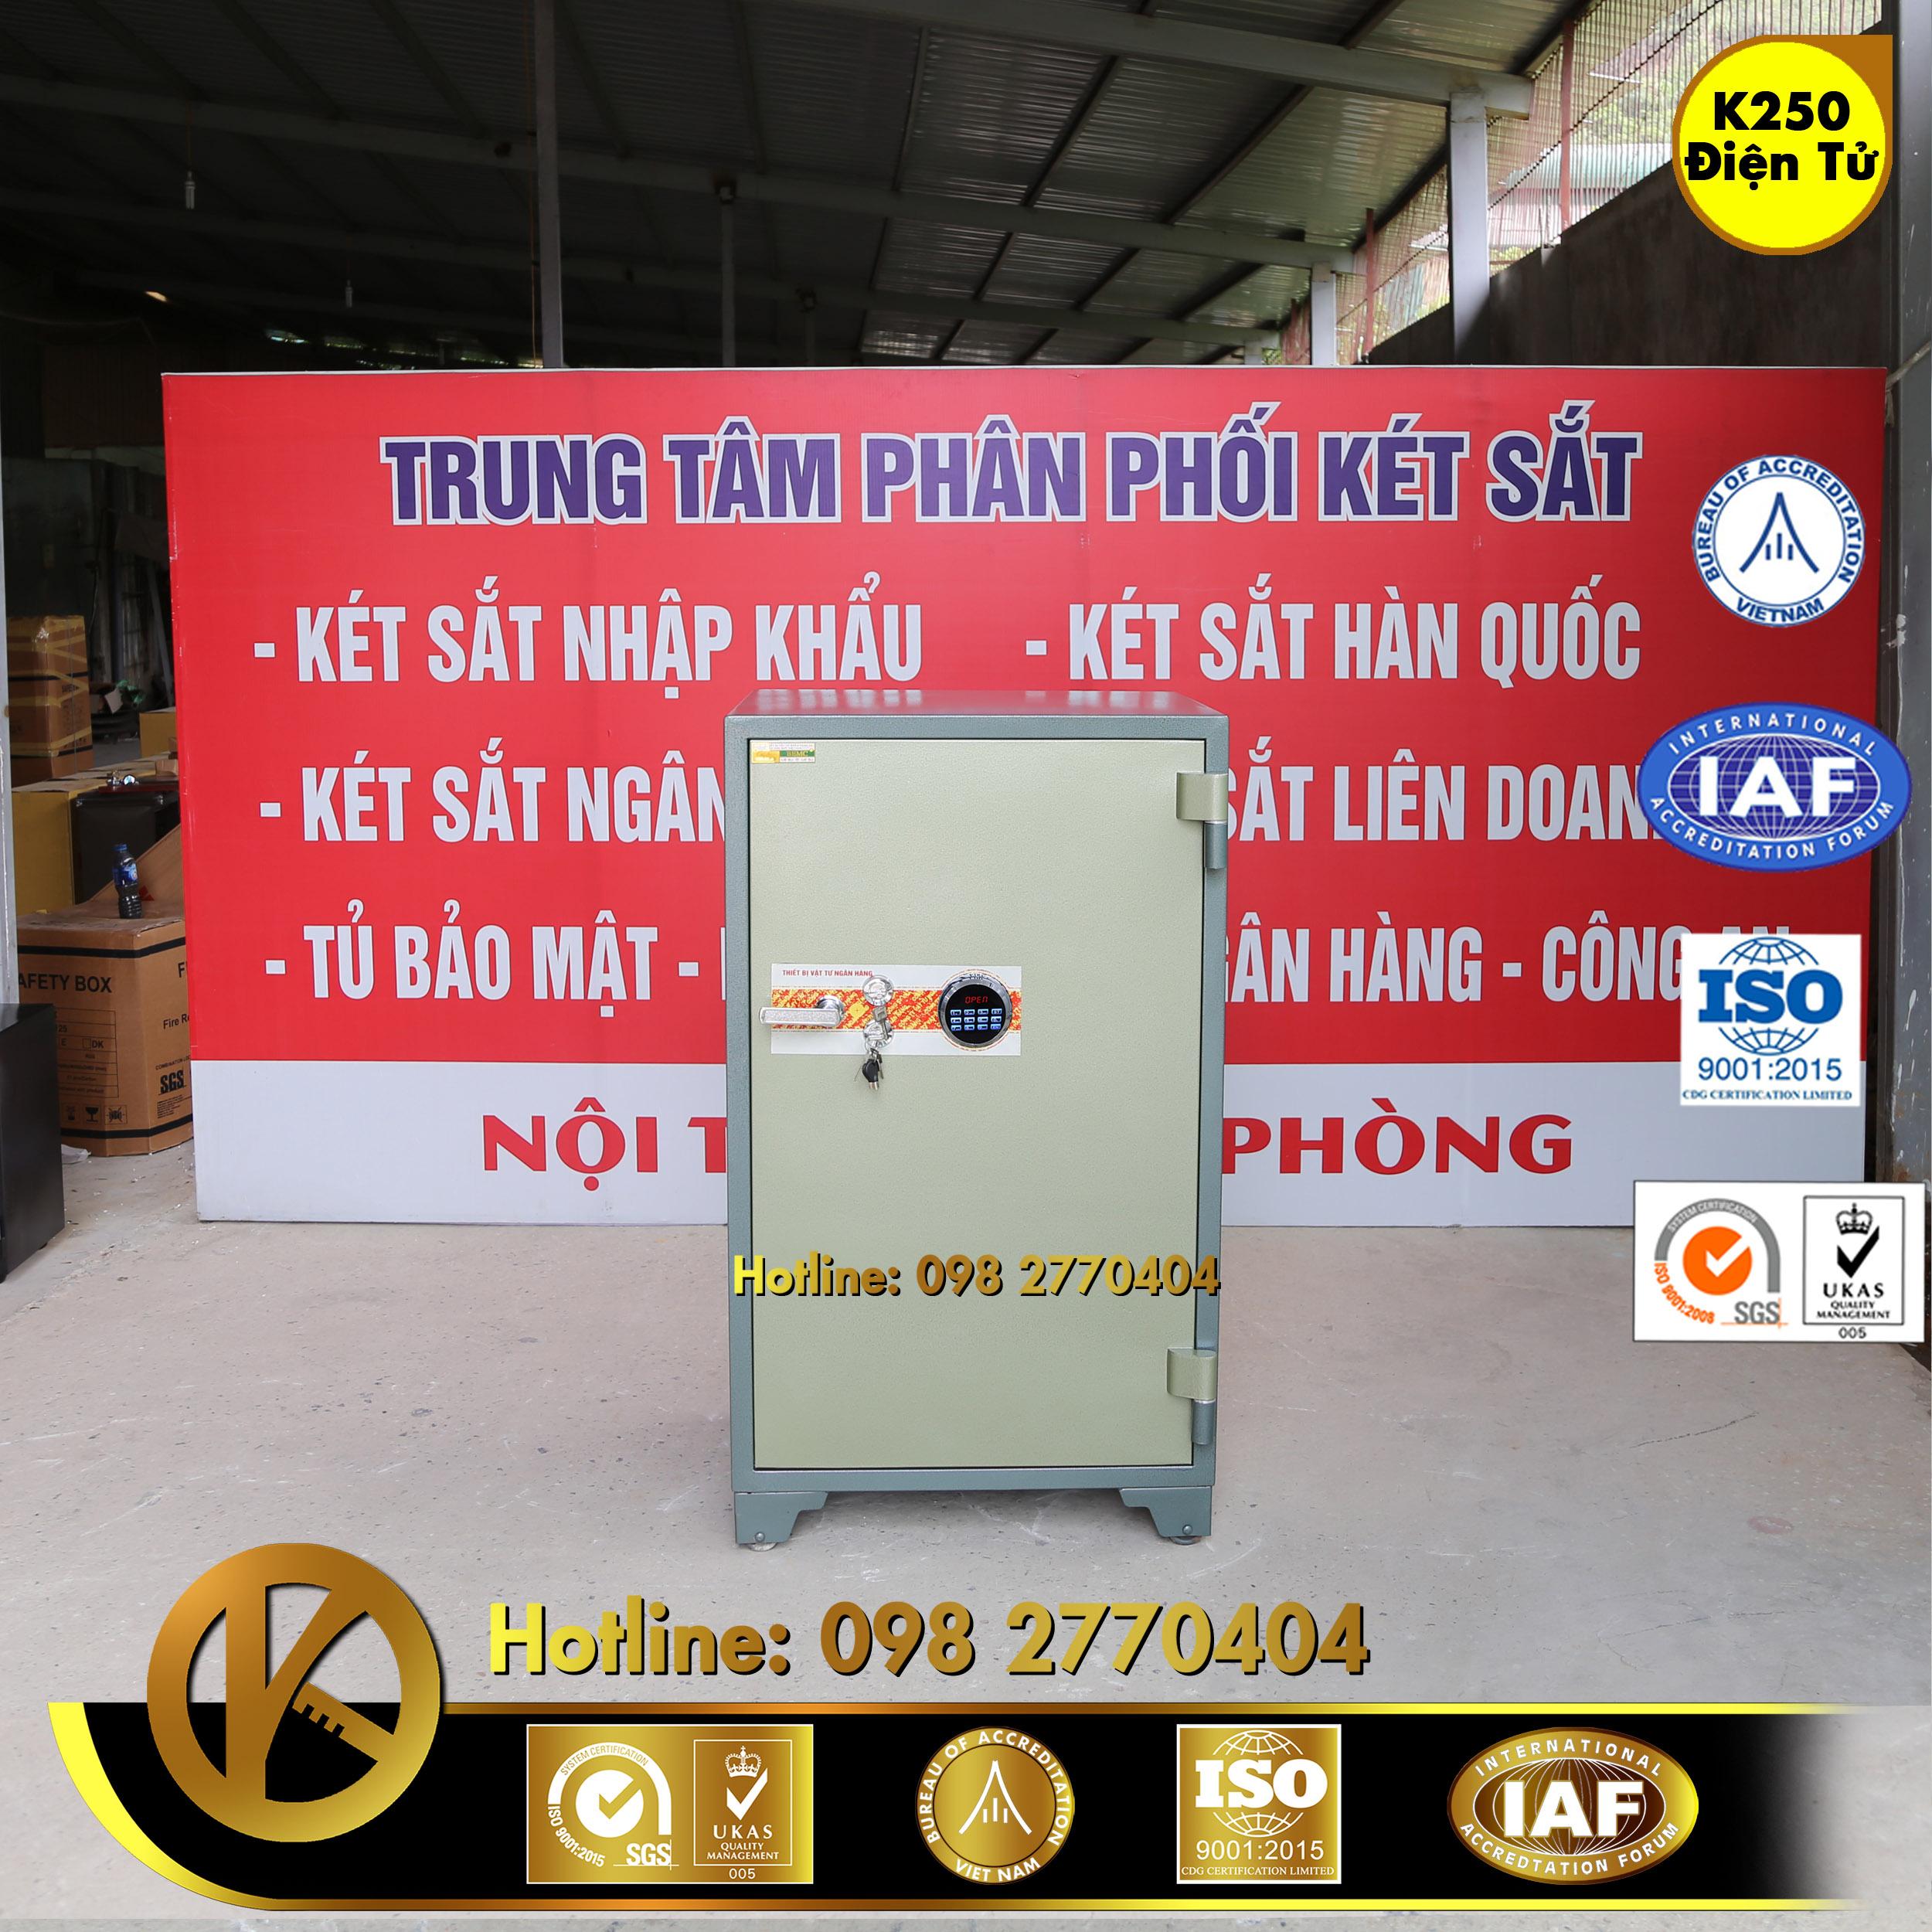 hình ảnh sản phẩm Két Sắt Ngân Hàng BEMC K250 Khoá Điện Tử